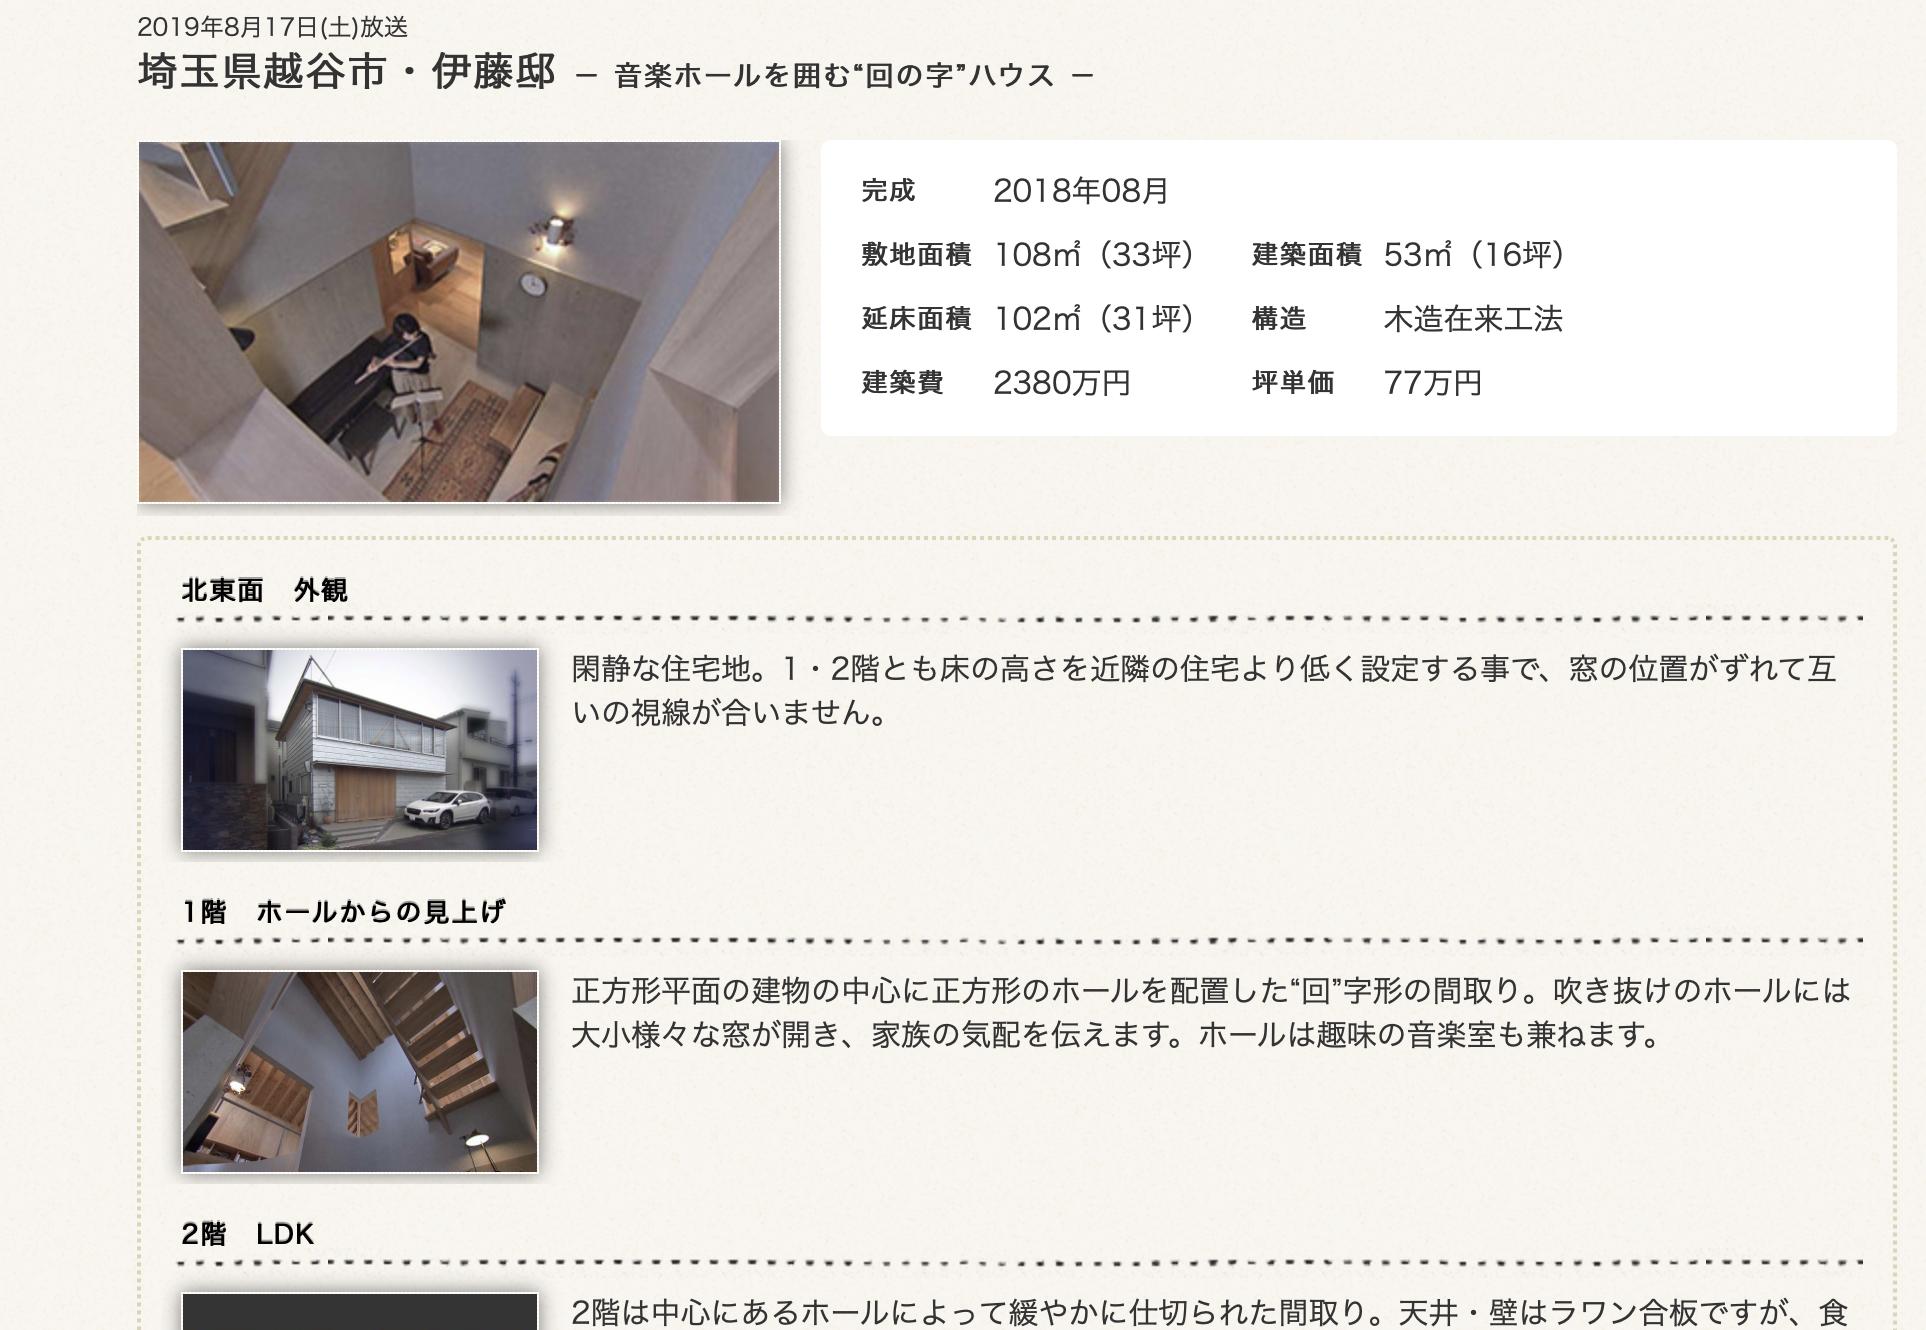 Screenshot 2019-09-08 at 13.26.29.png